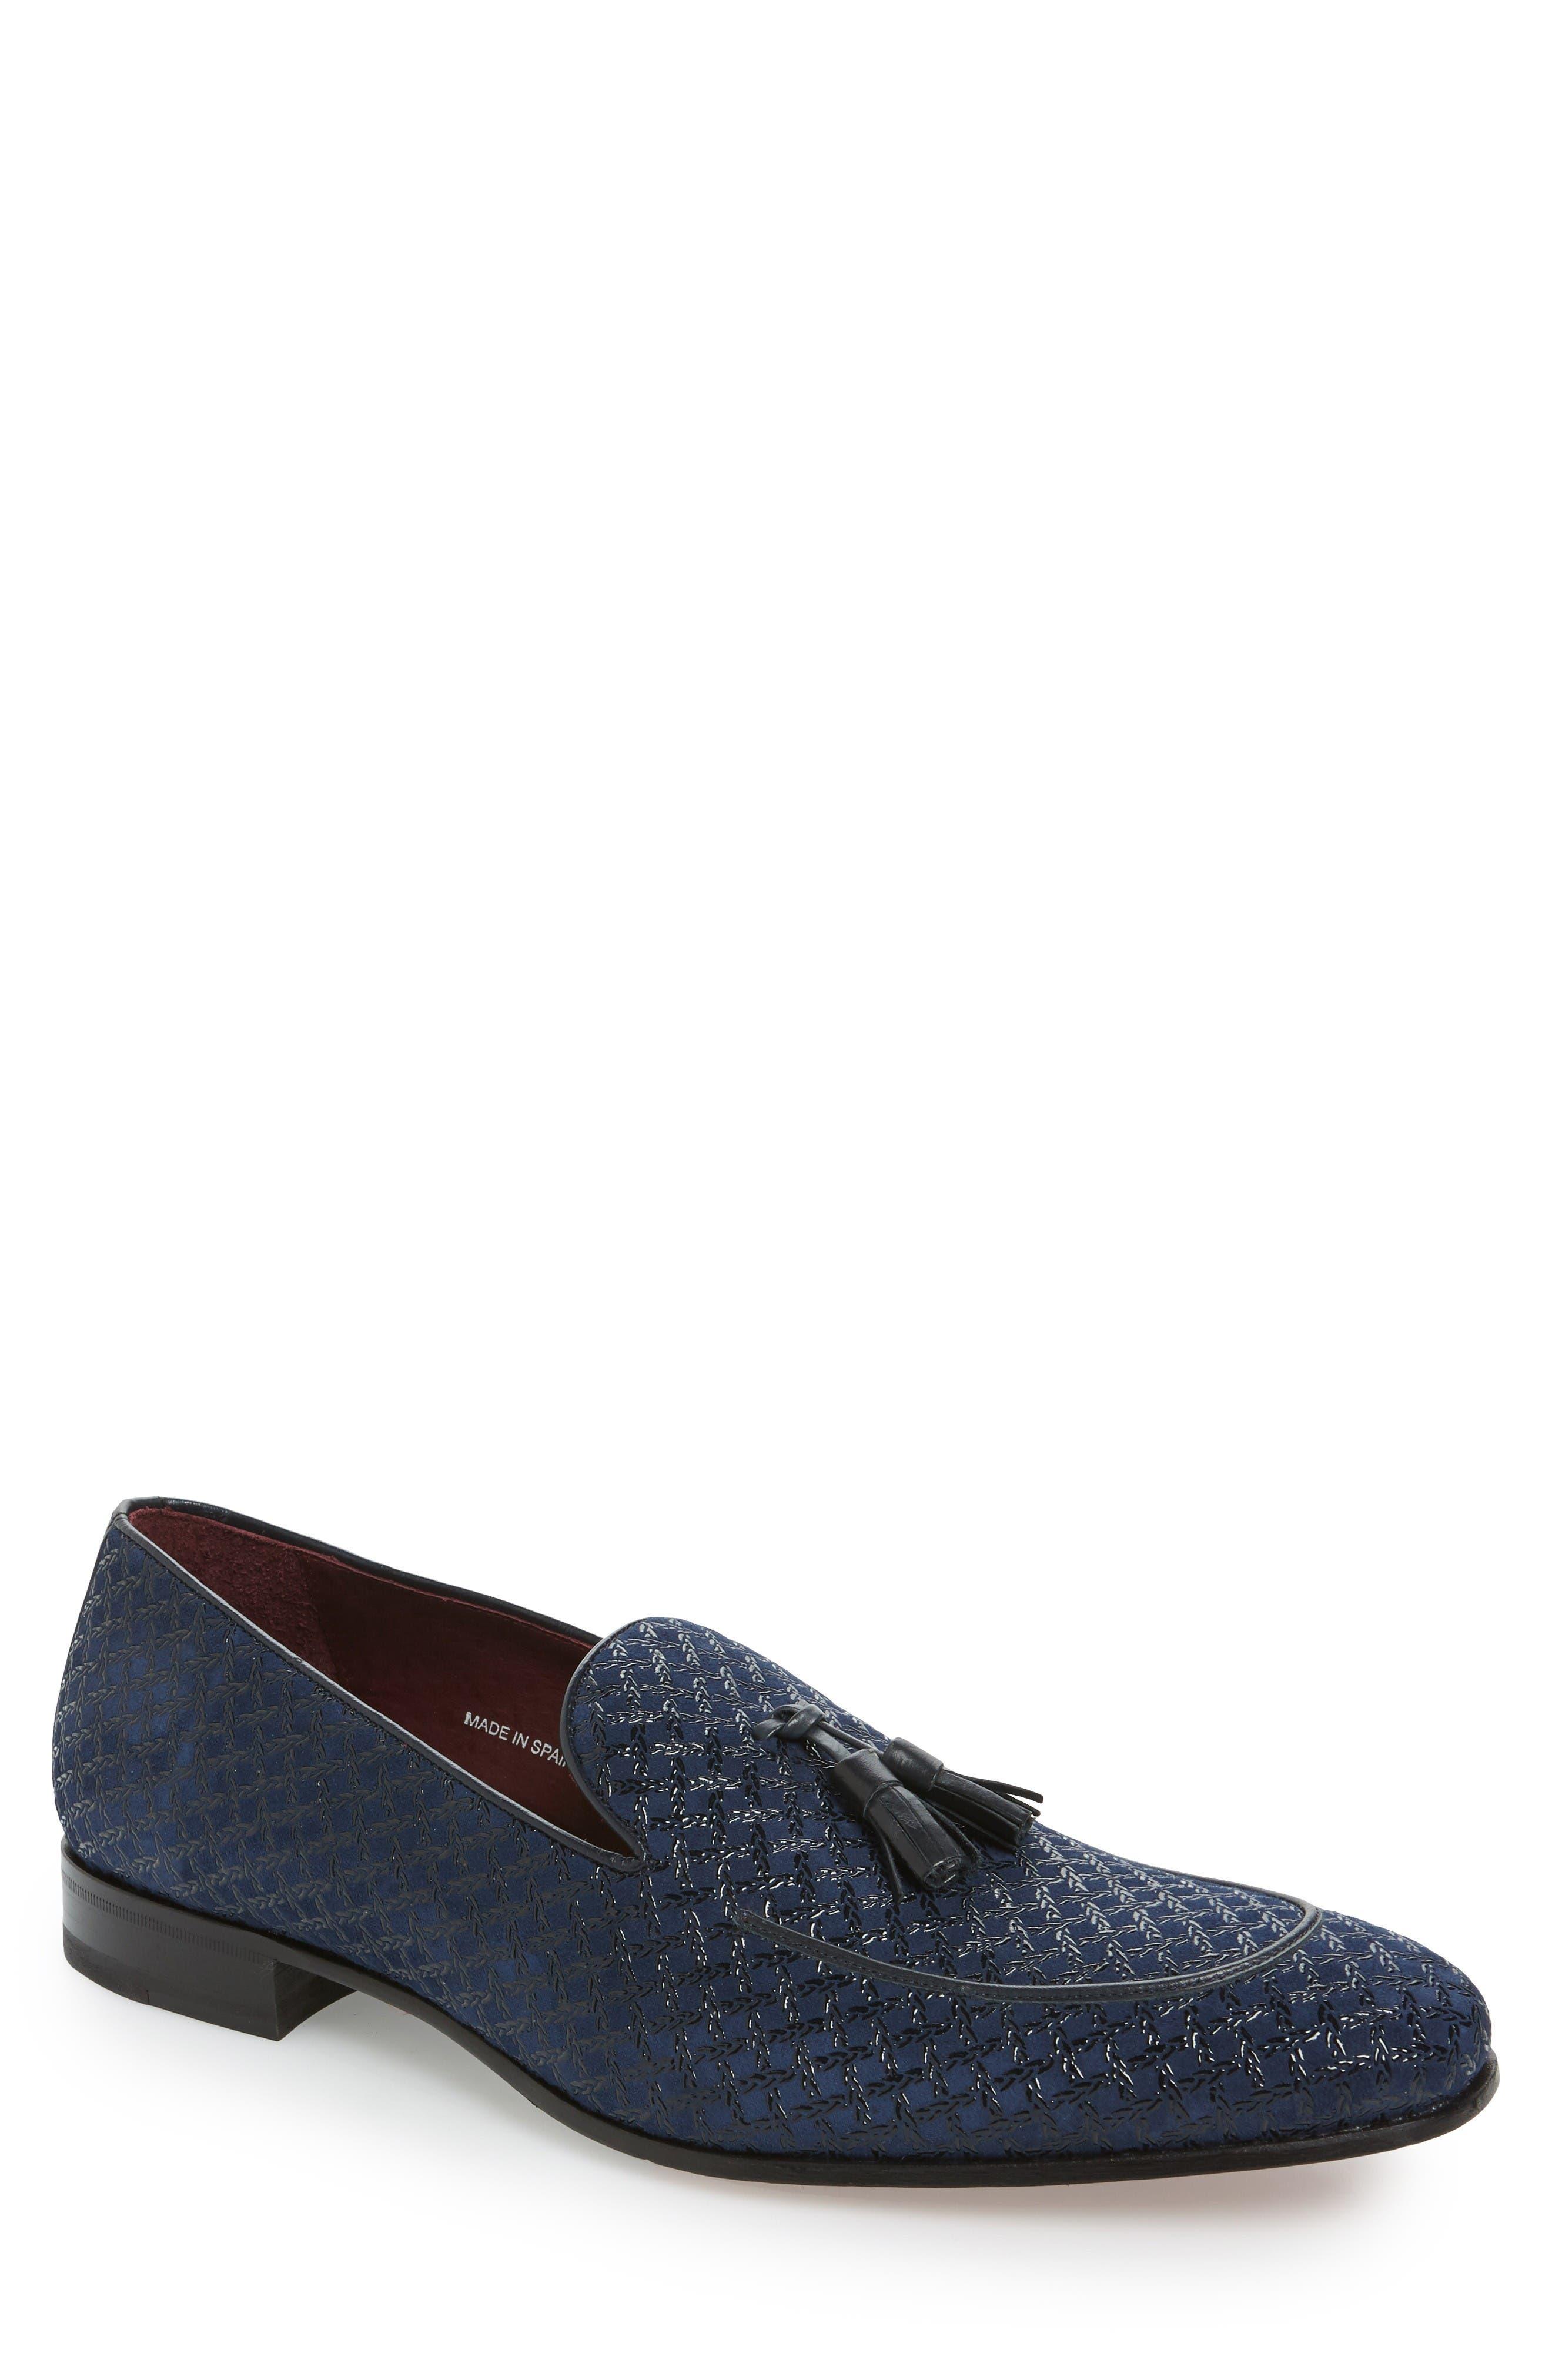 'Carol' Tassel Loafer,                         Main,                         color, Blue Suede